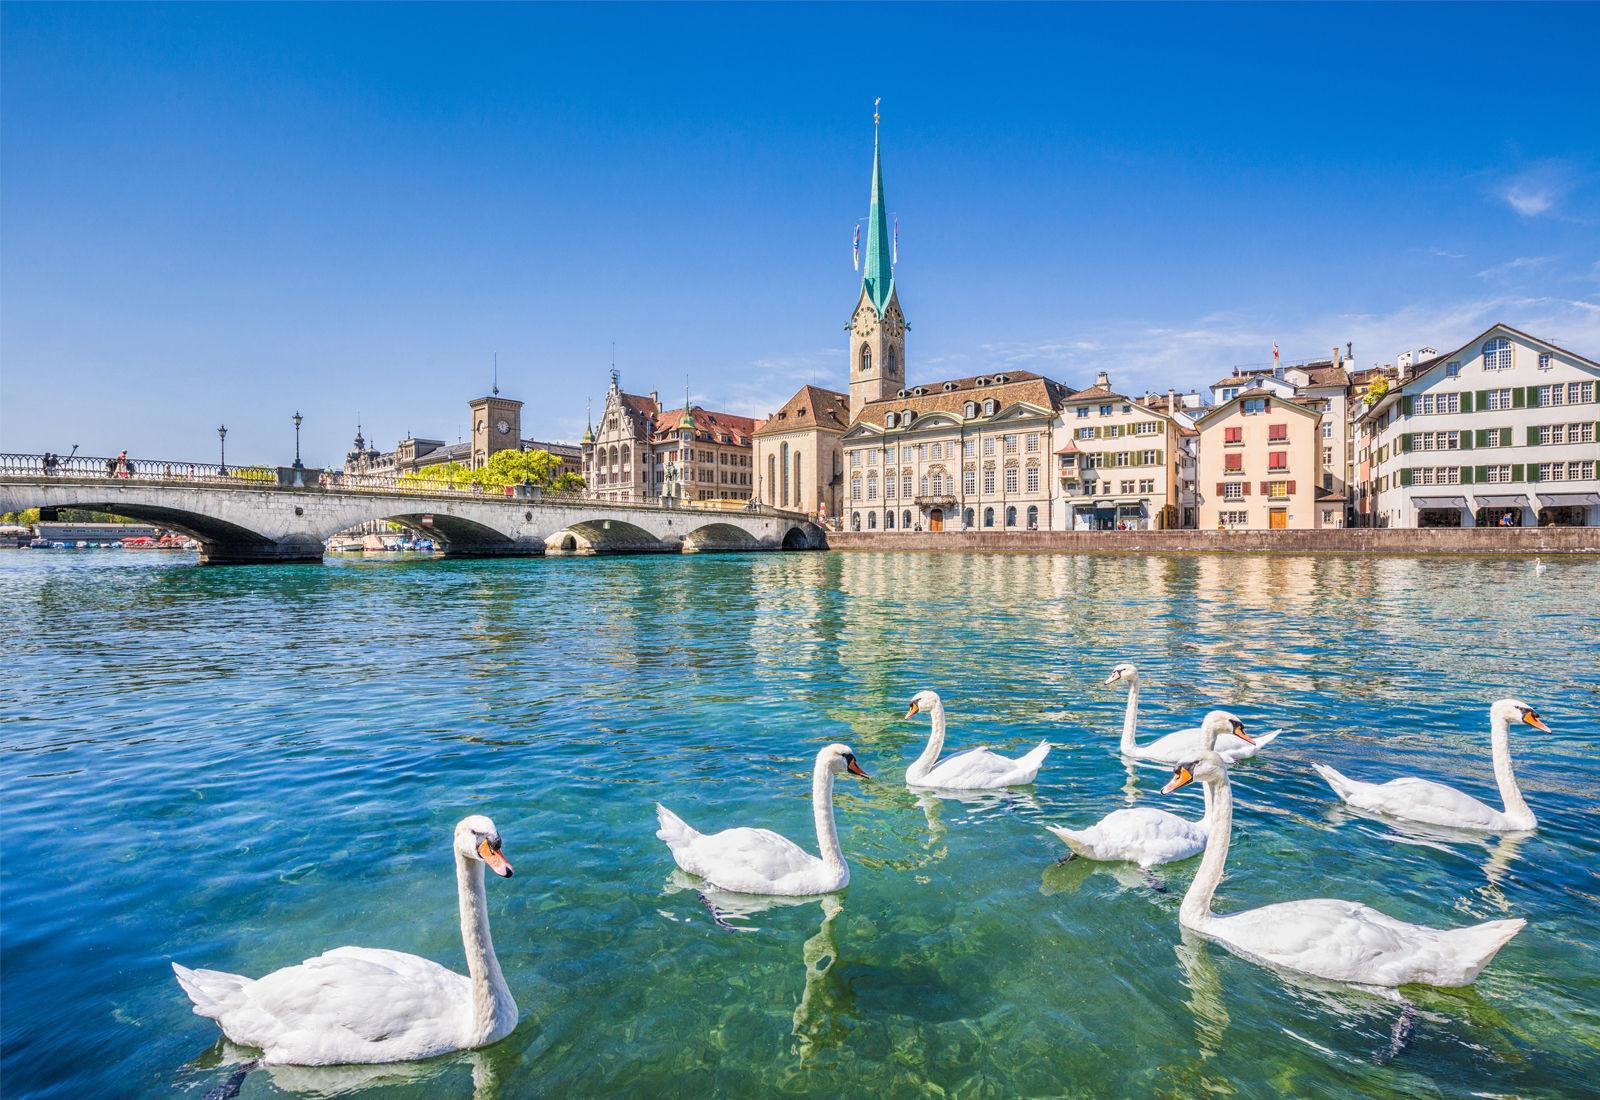 Zurich waters